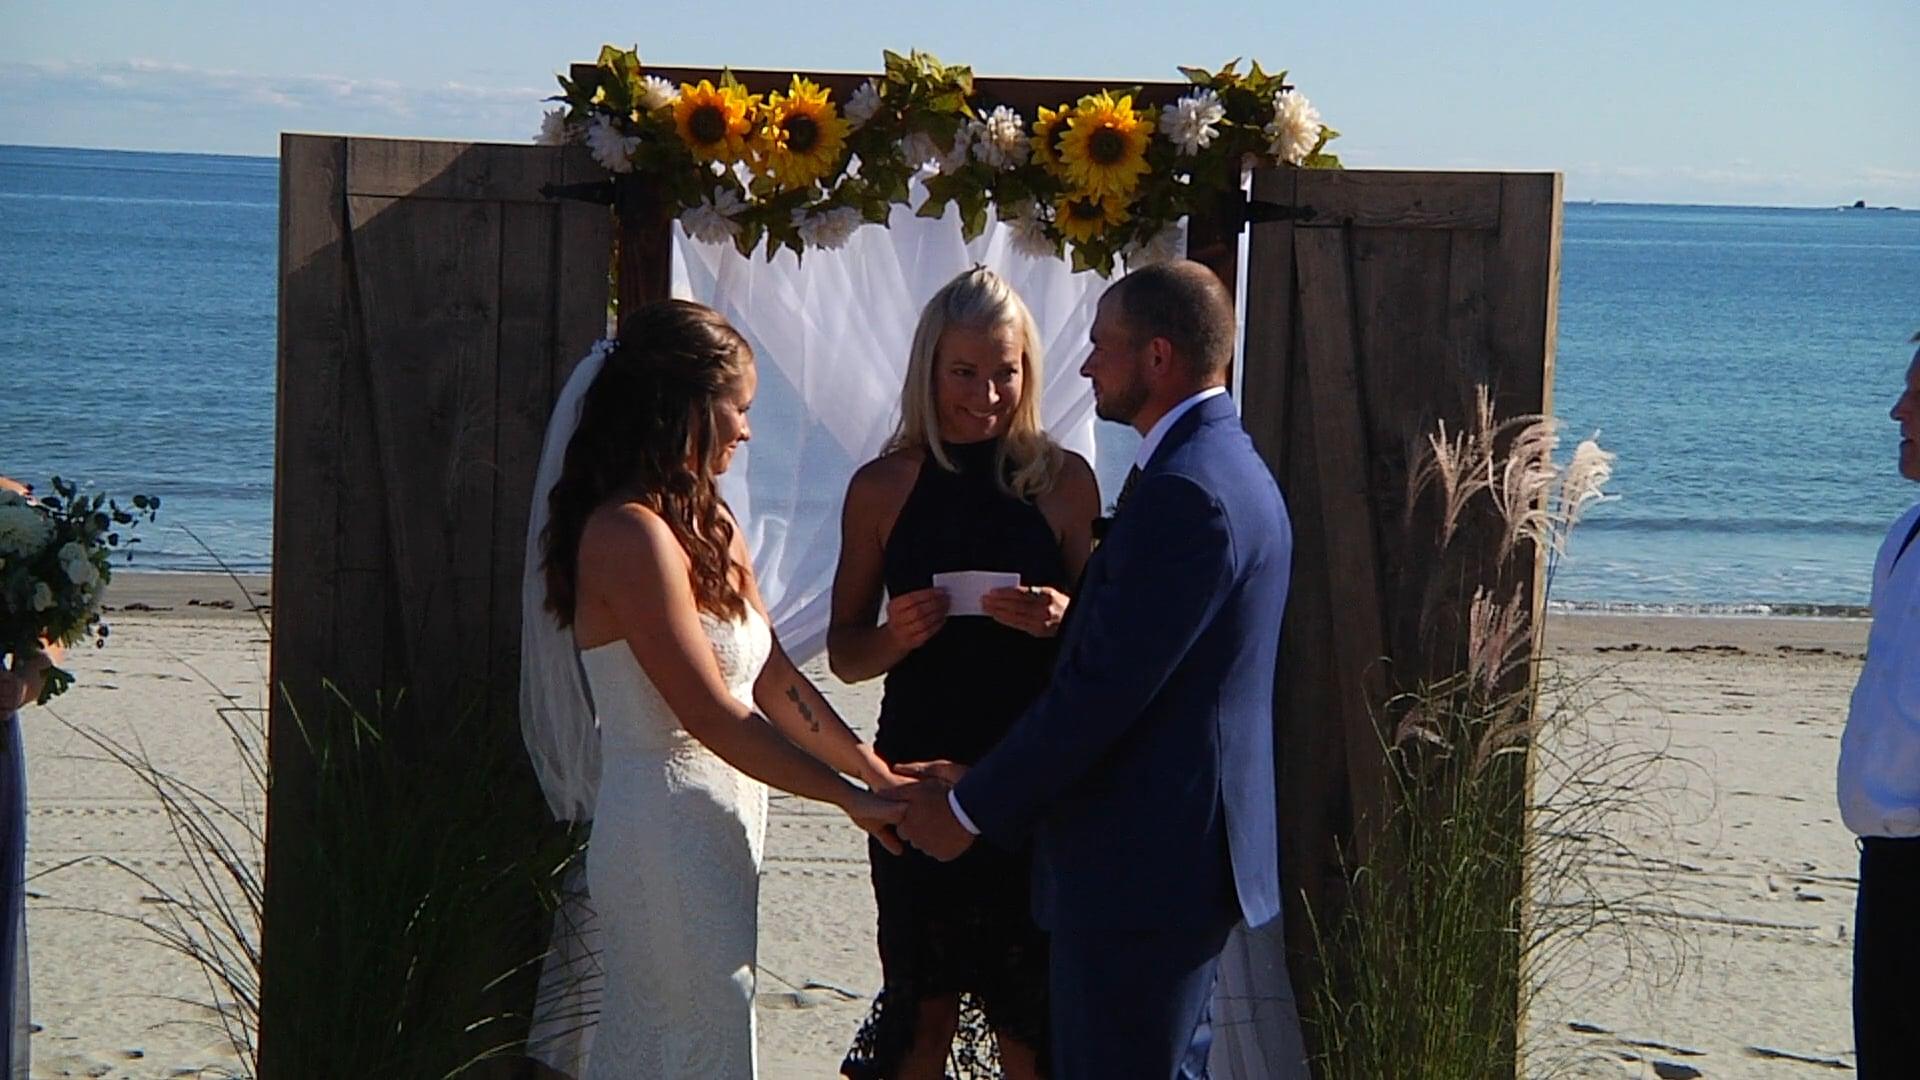 Michael & Kersten Wedding Video Montage